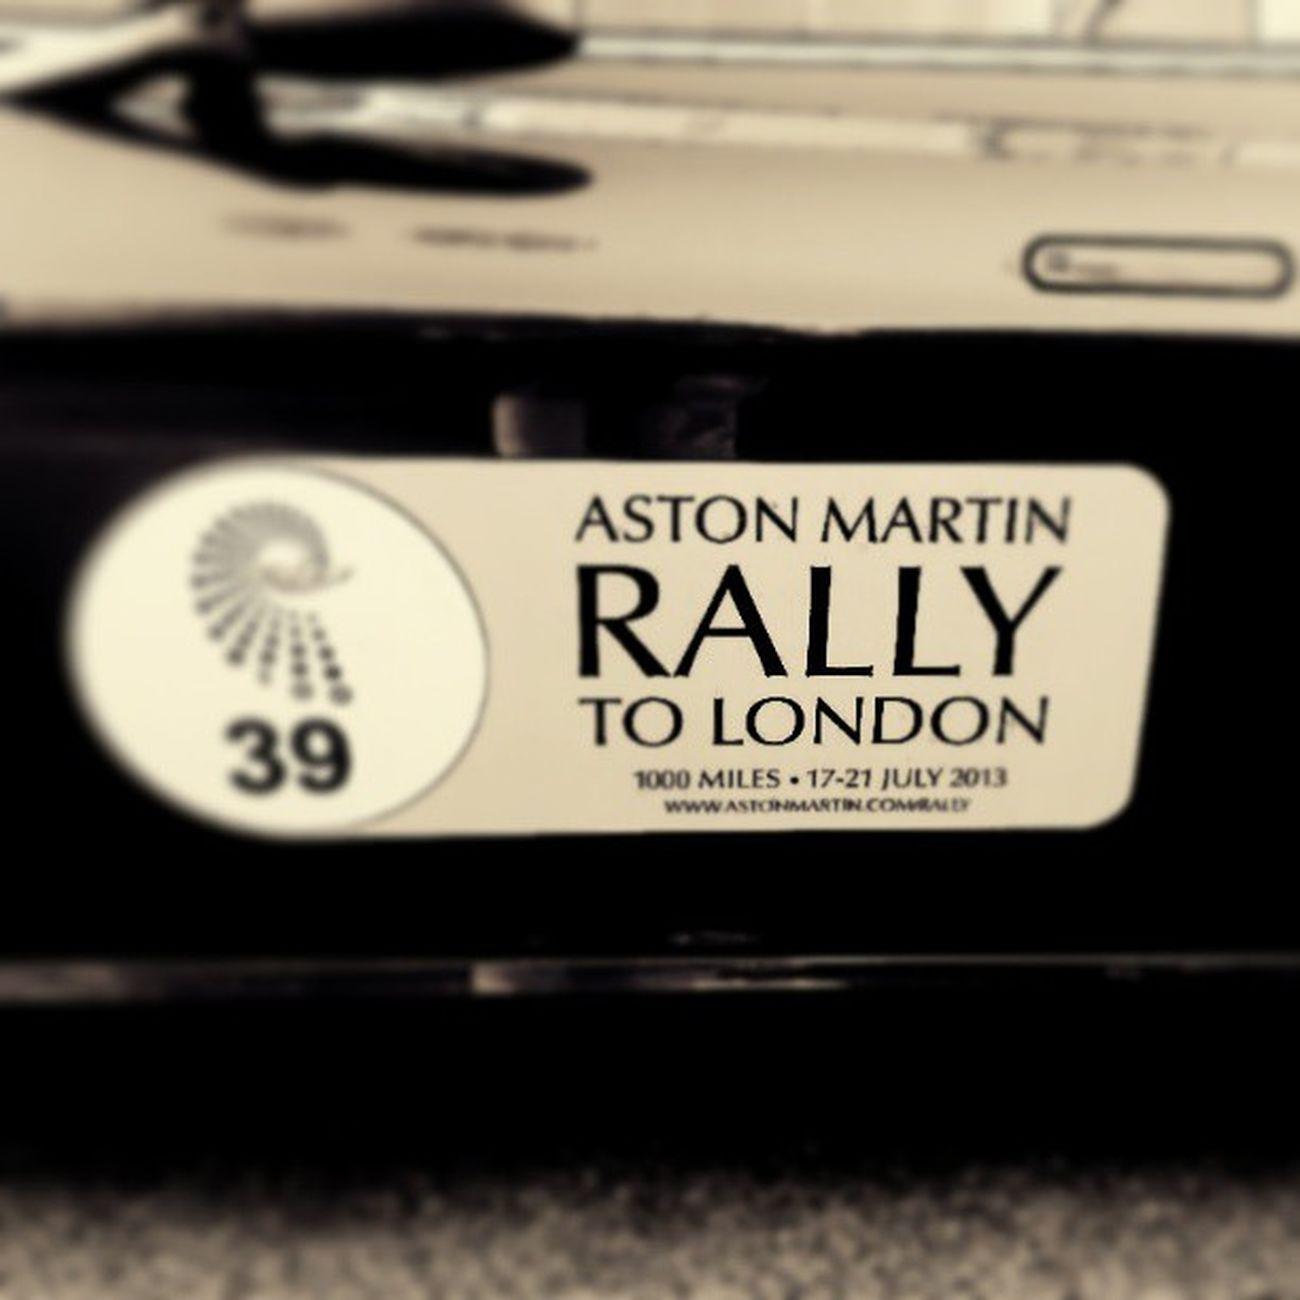 acabadinho de chegar de um rally muito exclusivo Astonmartin Aston Rally